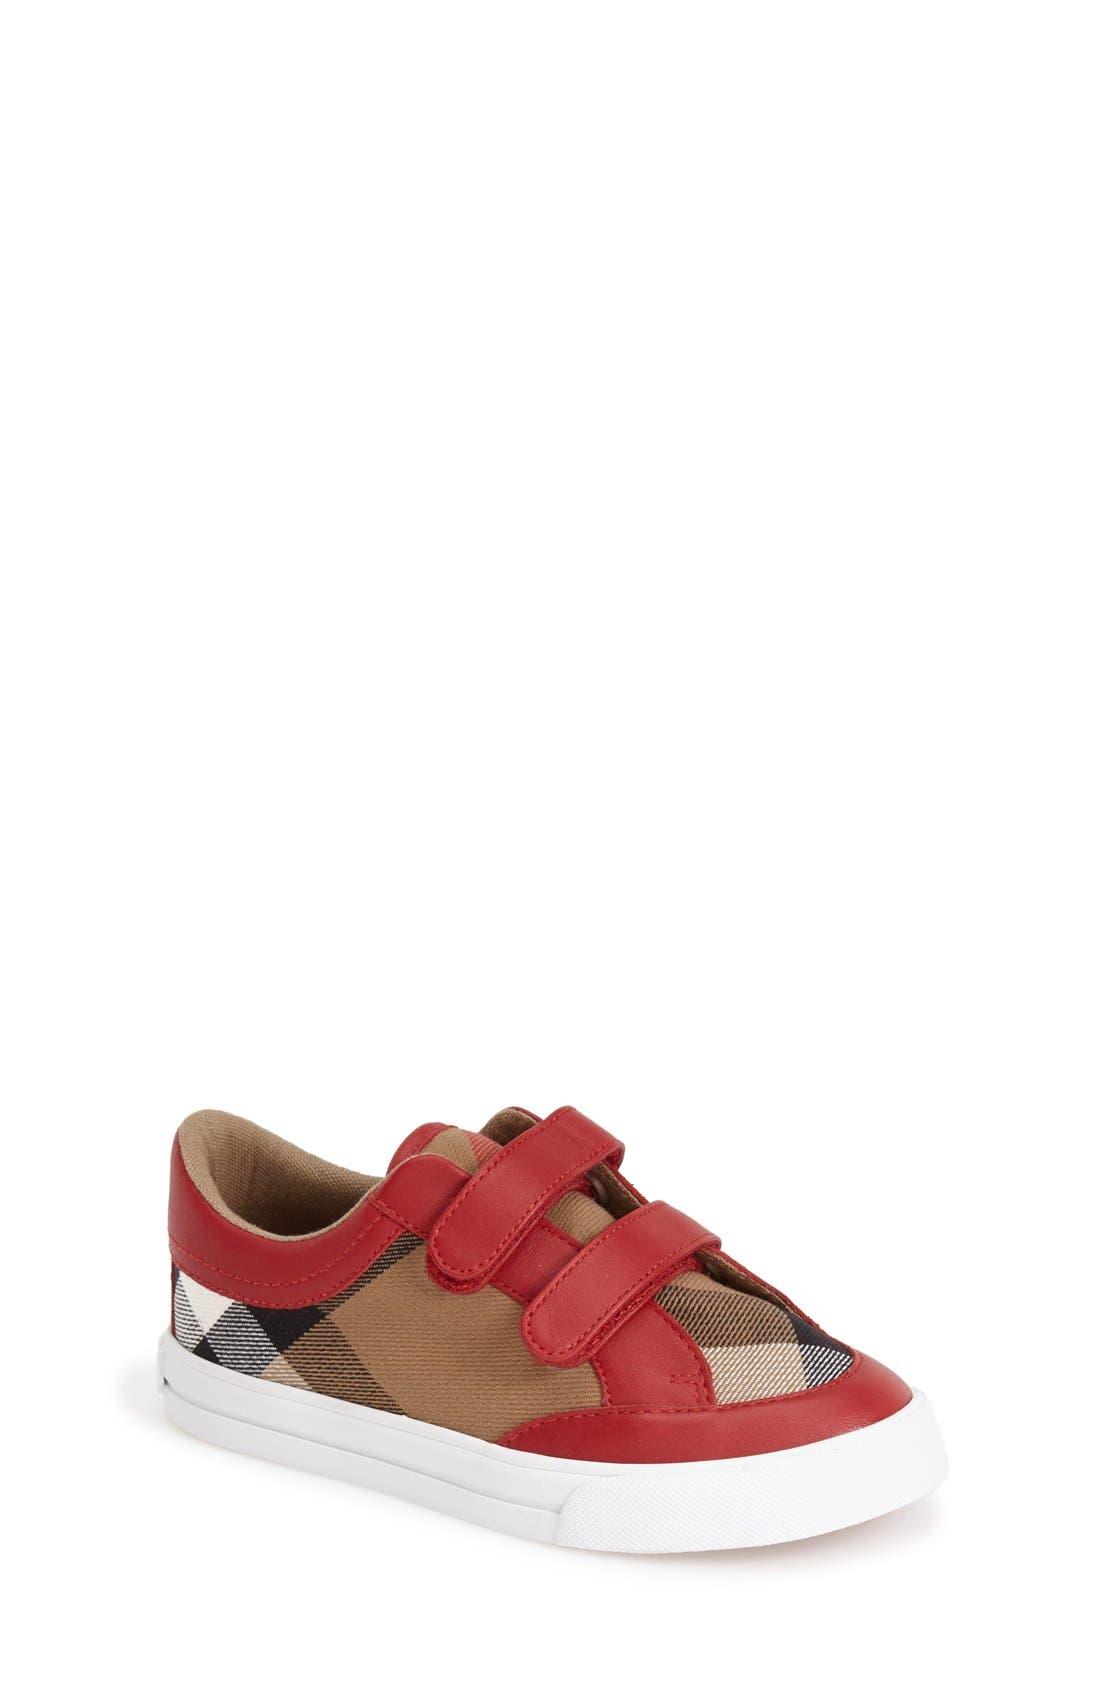 Burberry Mini Heacham Sneaker (Walker, Toddler & Little Kid)